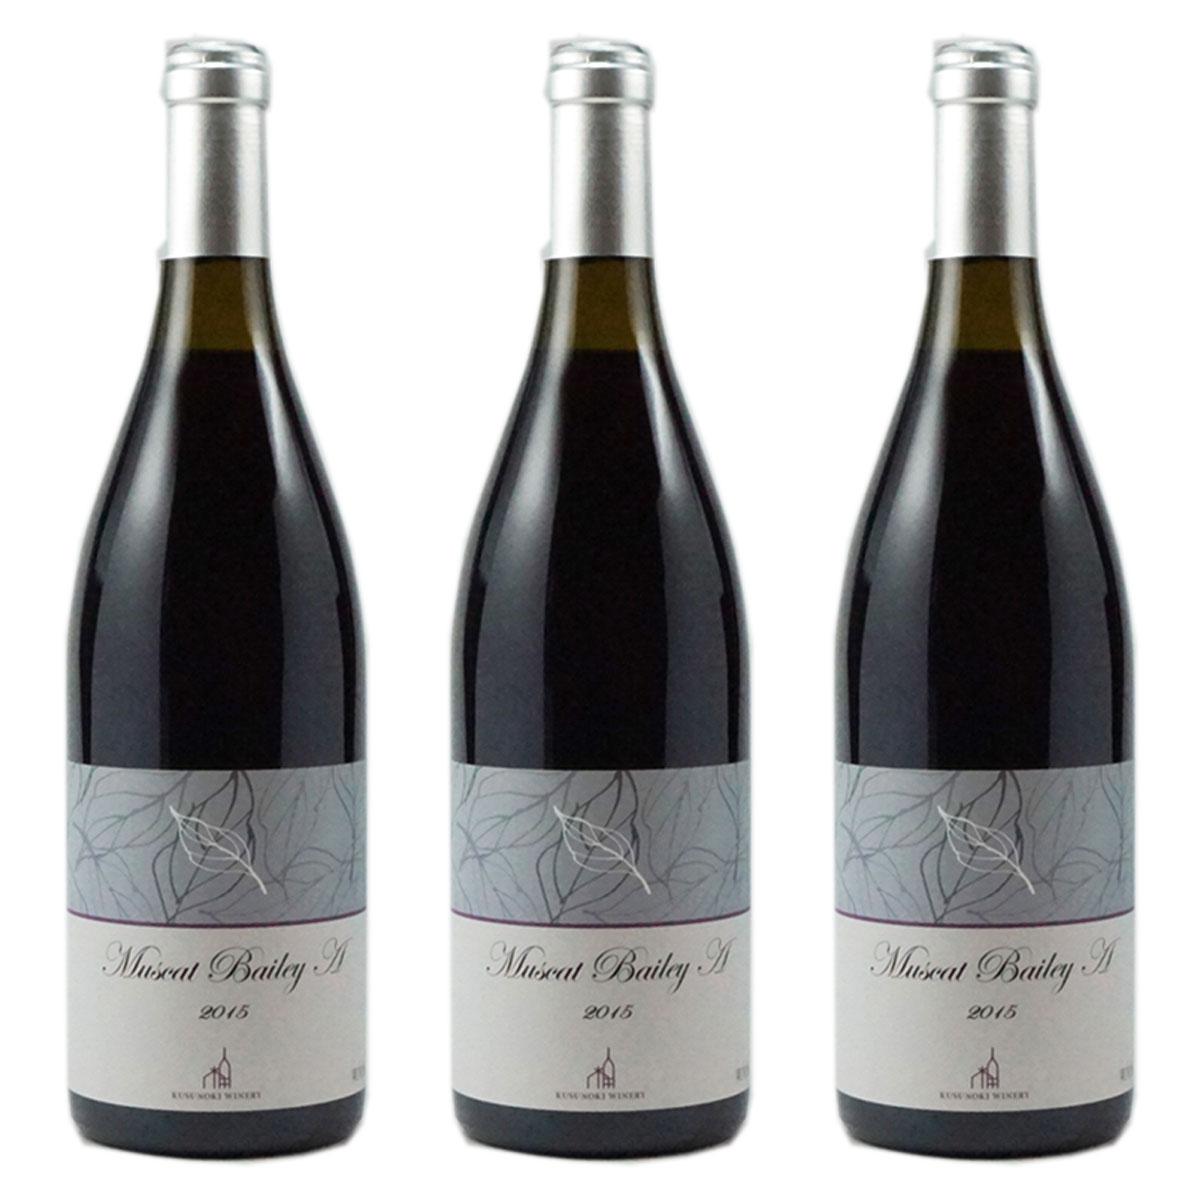 【ふるさと納税】マスカットベイリーA(赤)3本セット 【ワイン・お酒・赤ワイン・洋酒・詰め合わせ】